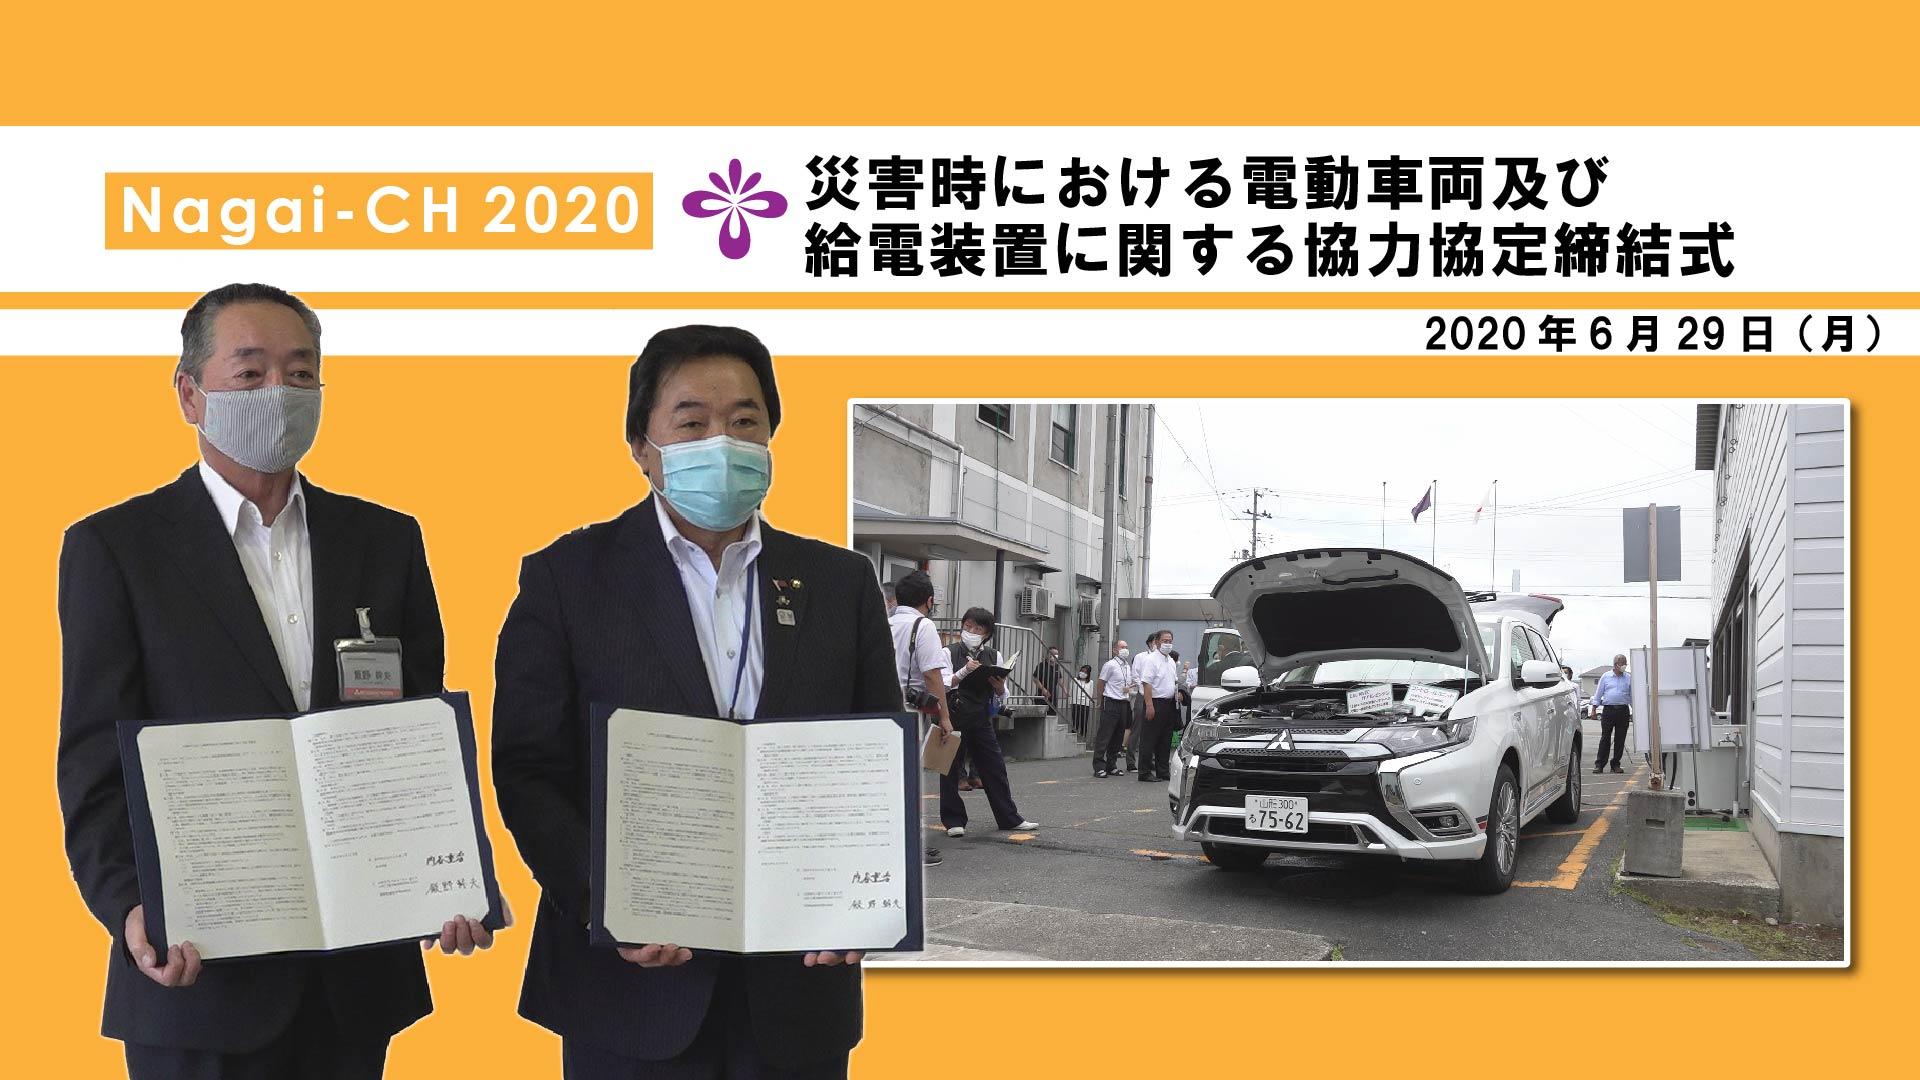 【長井市】山形三菱自動車販売�と災害時における動車両及び給電装置に関する協力協定締結式(令和2年6月29日):画像